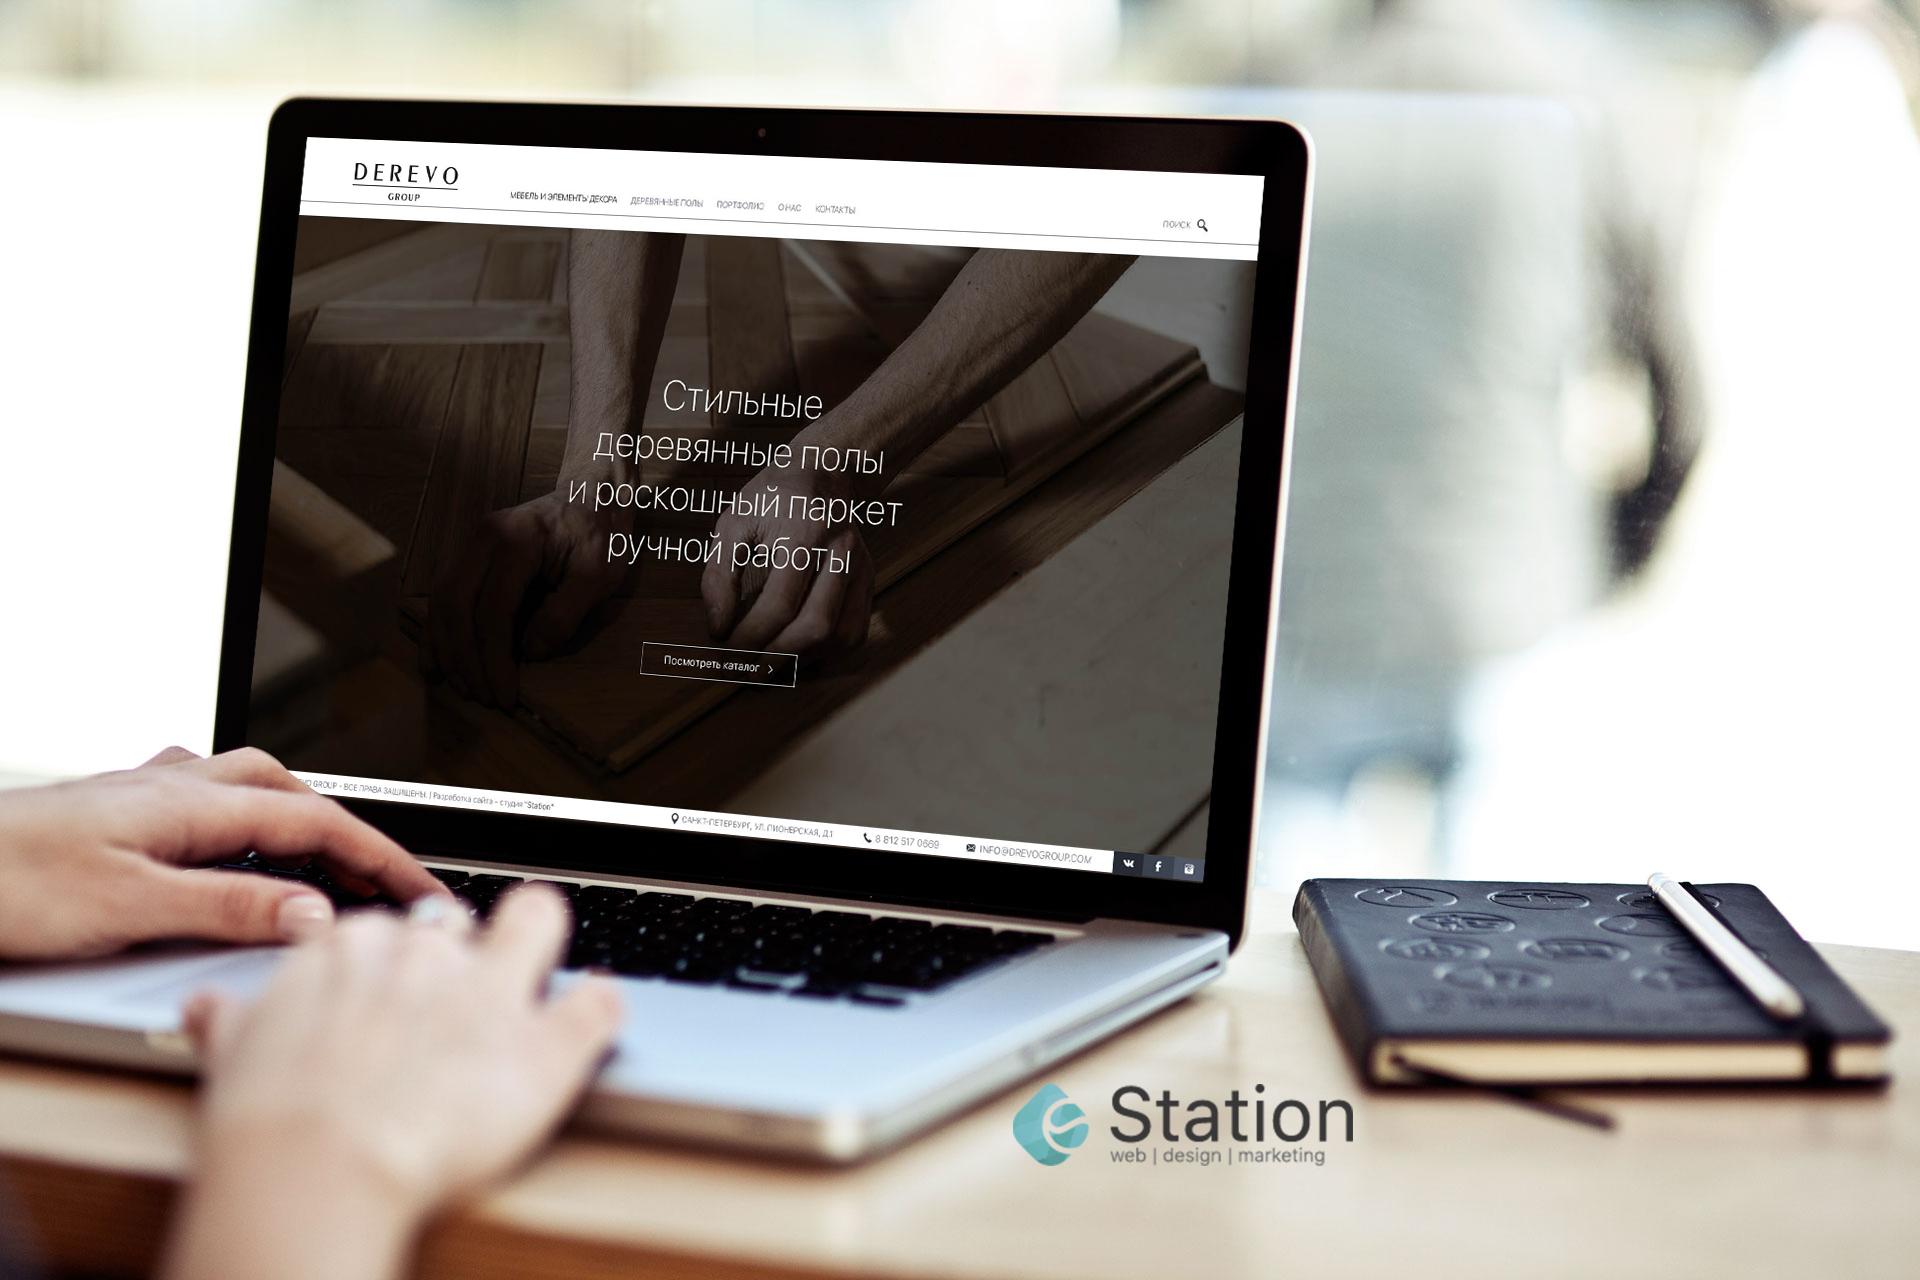 Разработка сайта для мебельной компании и компании по производству полов.